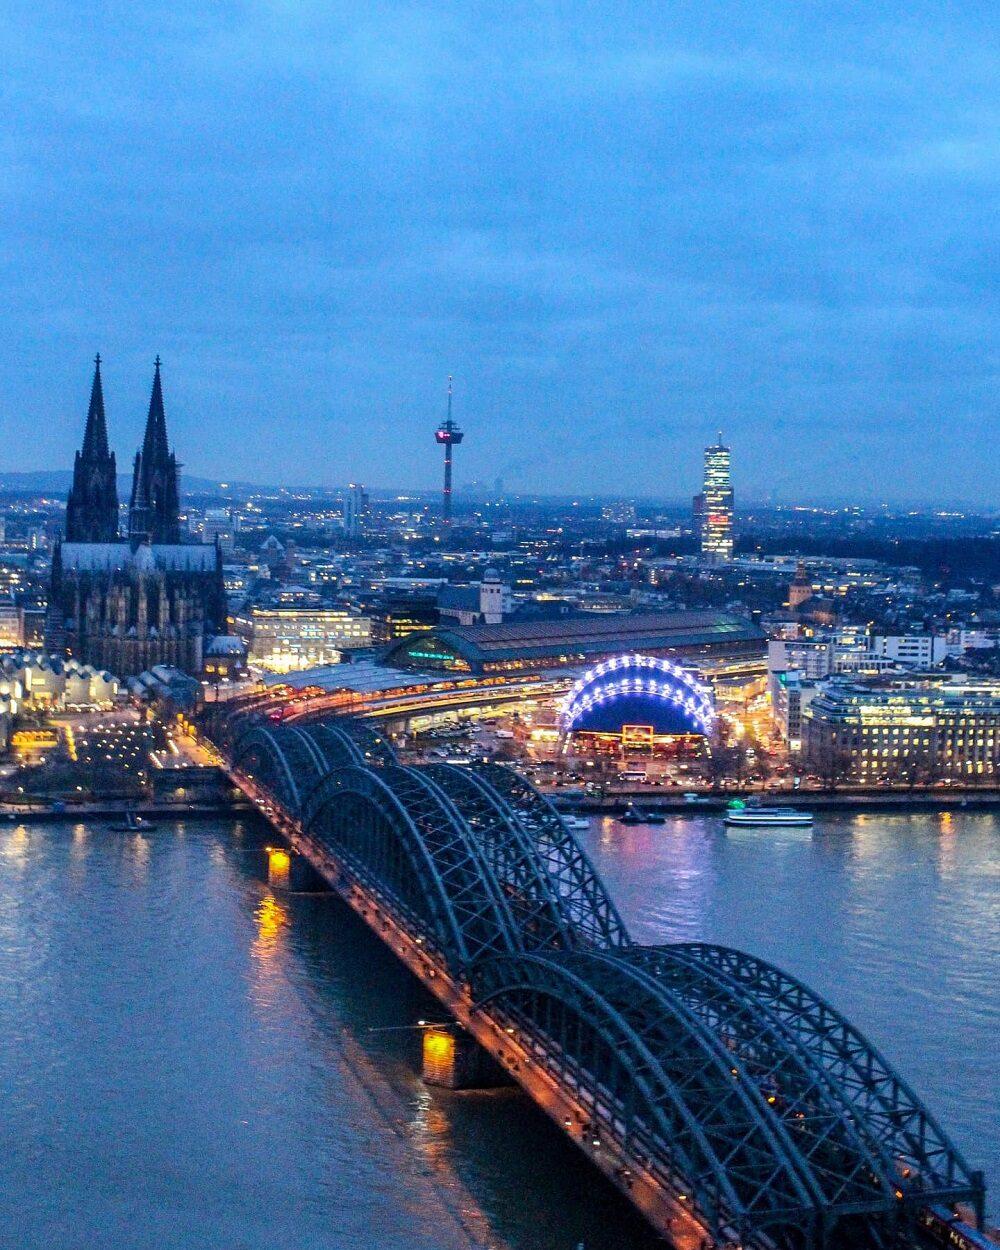 Cosa vedere in due giorni a Colonia - Colonia dall'alto tramonto